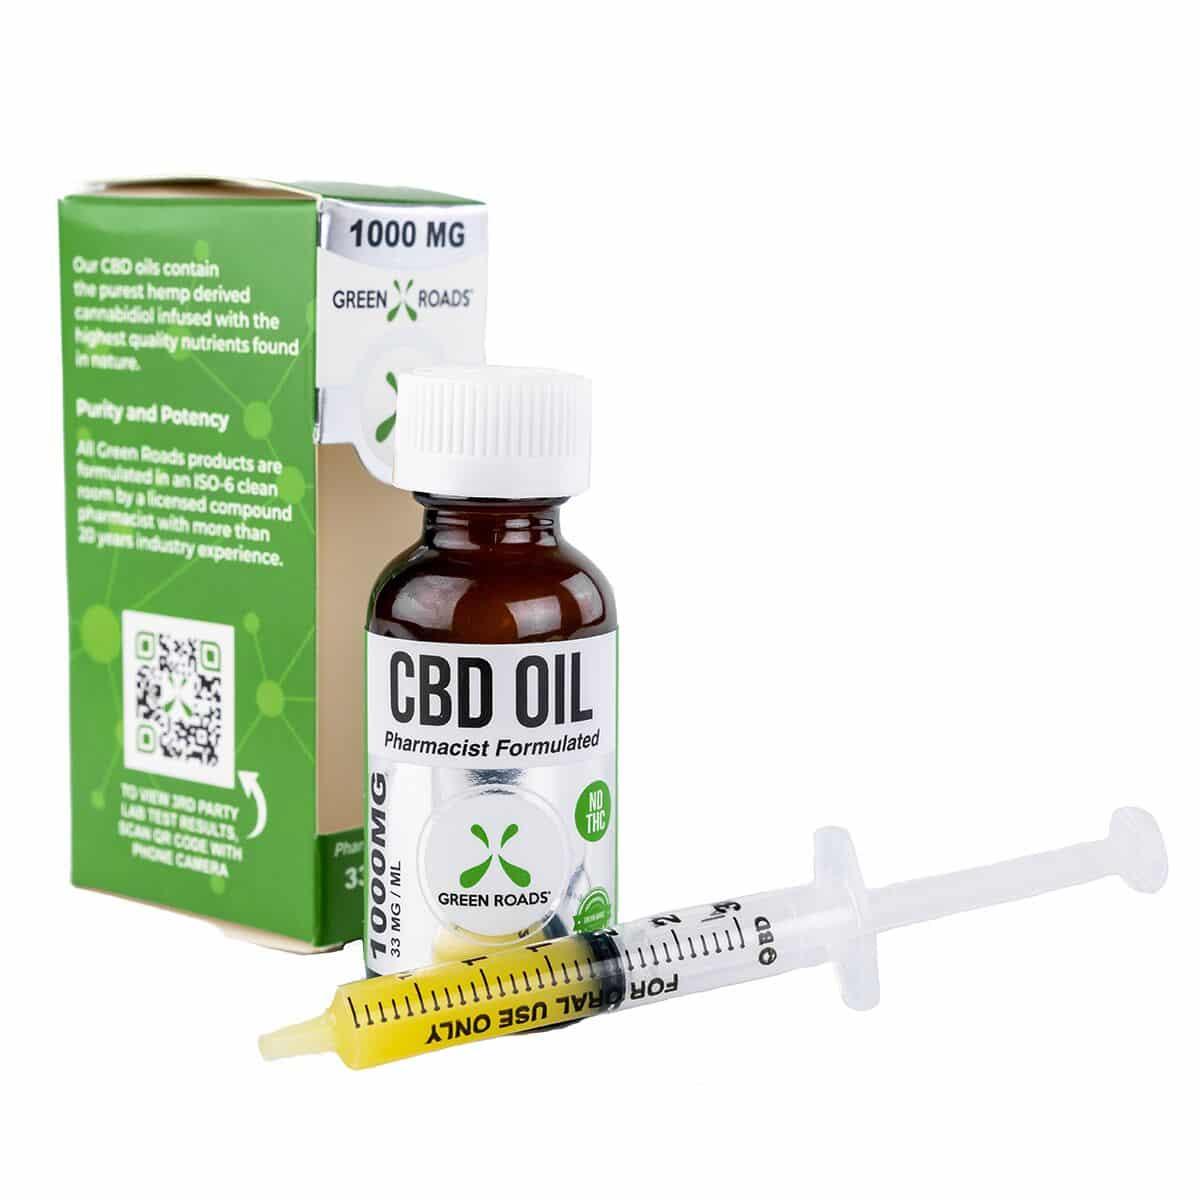 CBD Oil By Green Roads - RZ Smoke - Vape & Smoke Wholesale Distributor